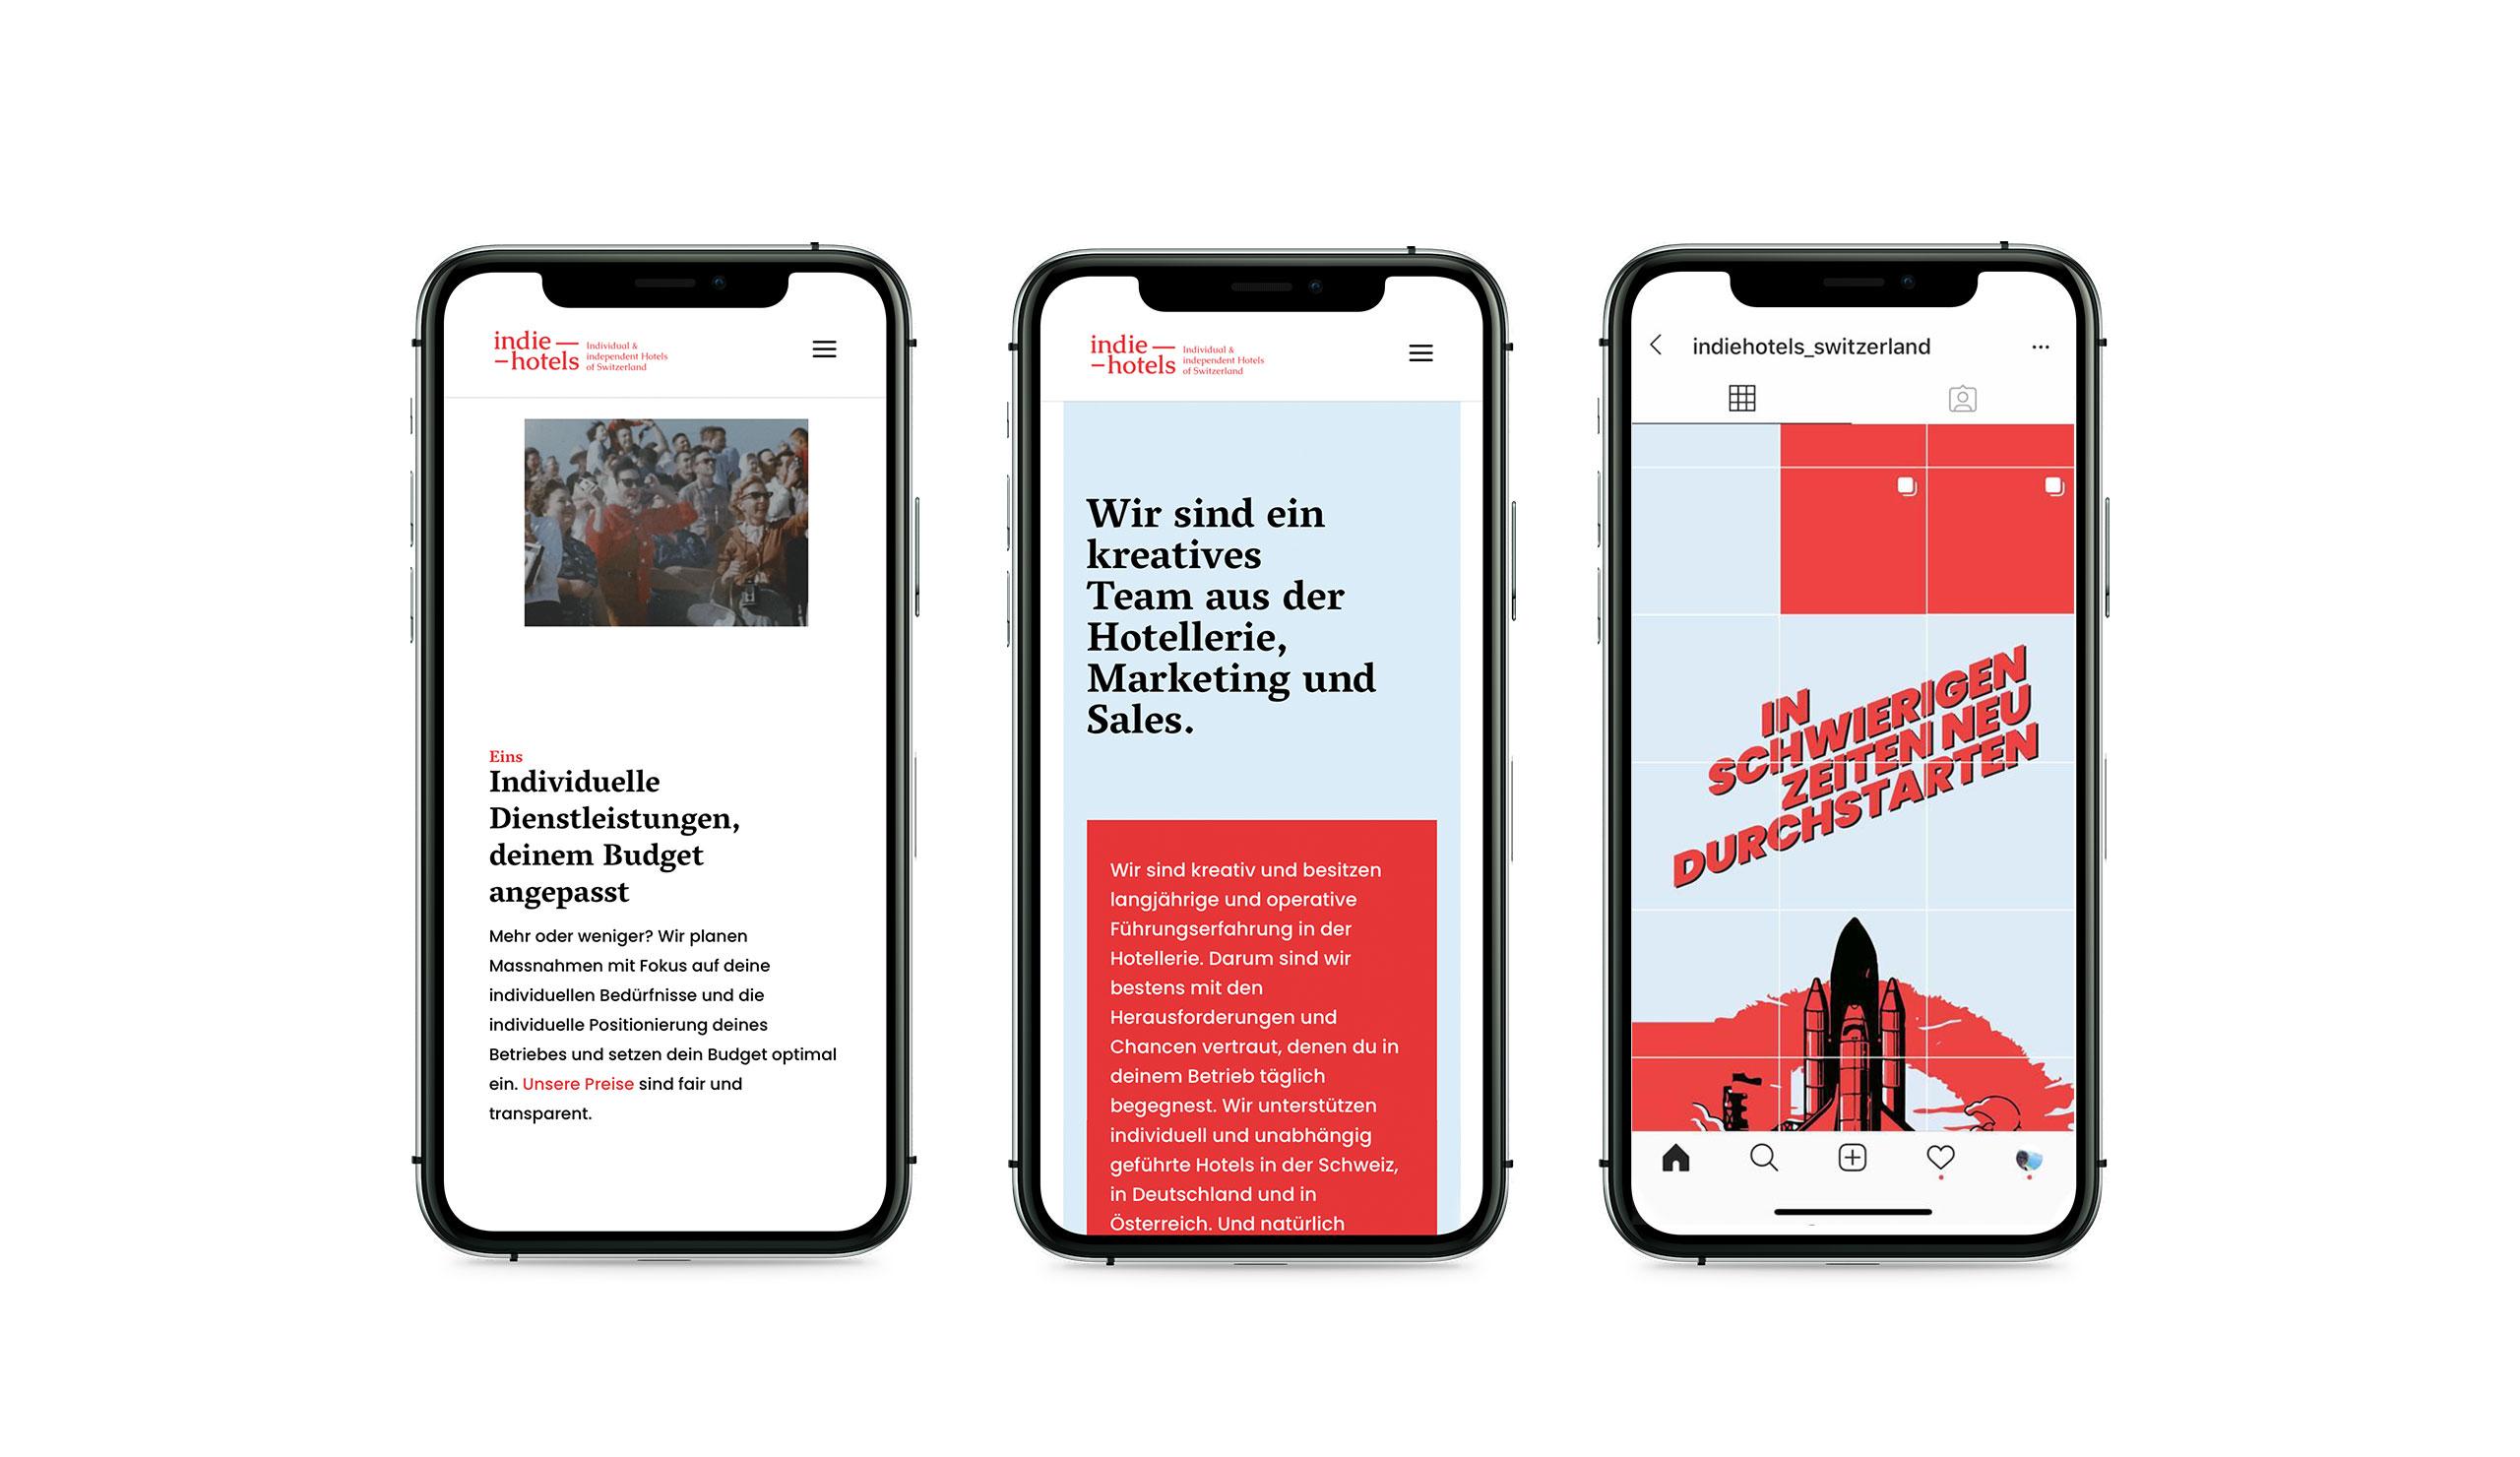 webseite-digitalagentur-webdesign-gasser-miesch-stgallen